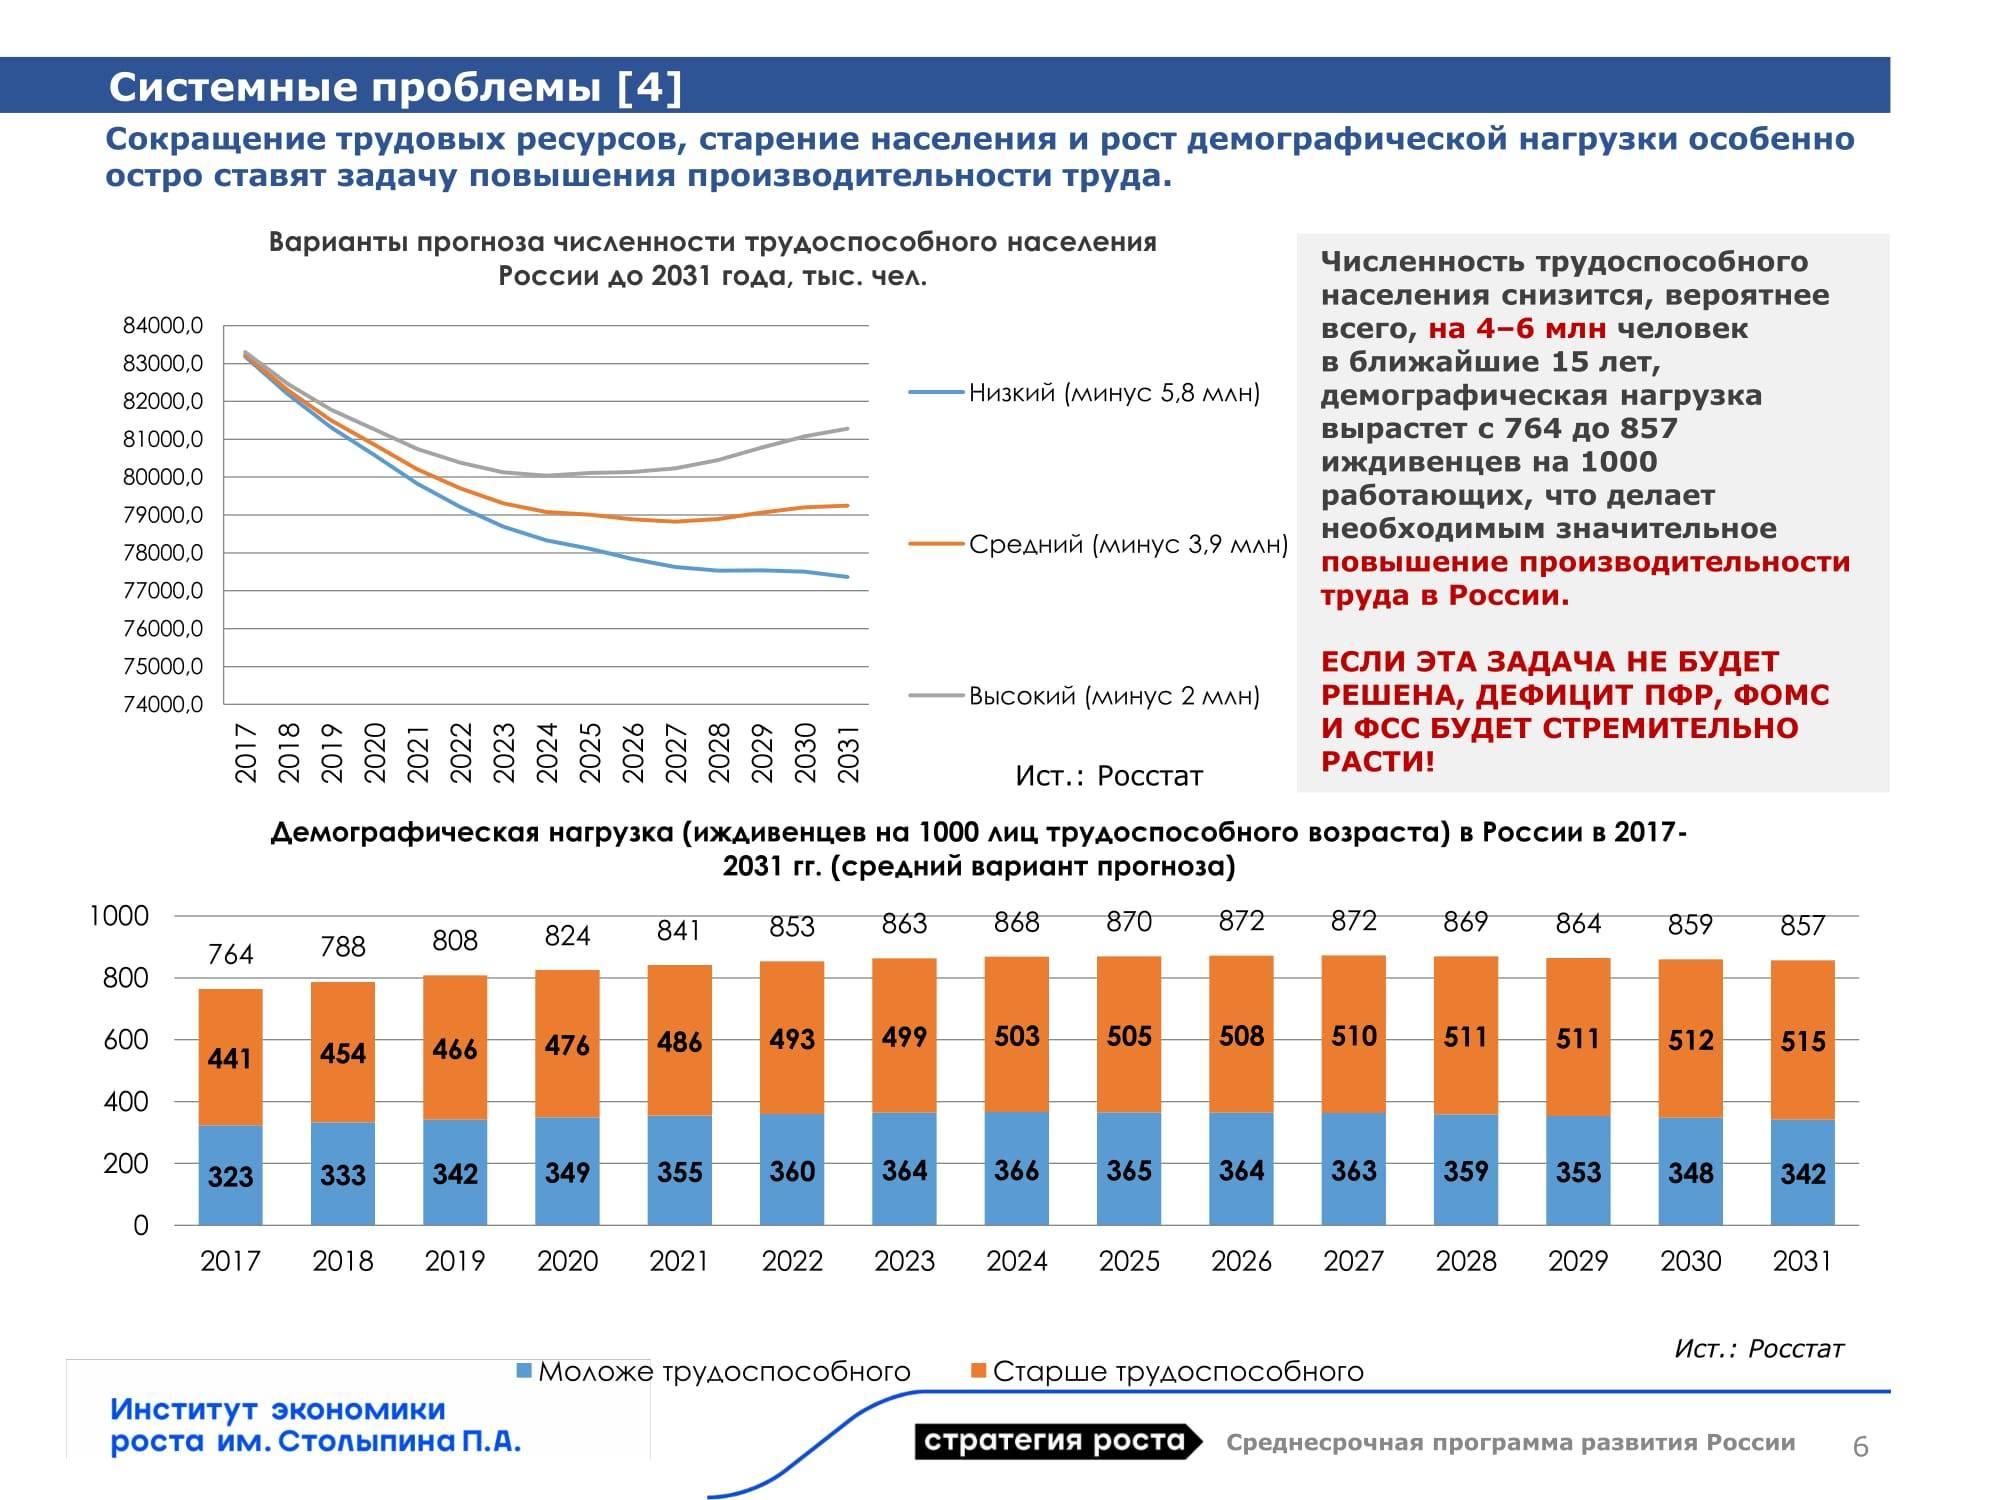 Экономика финляндии. статистика онлайн